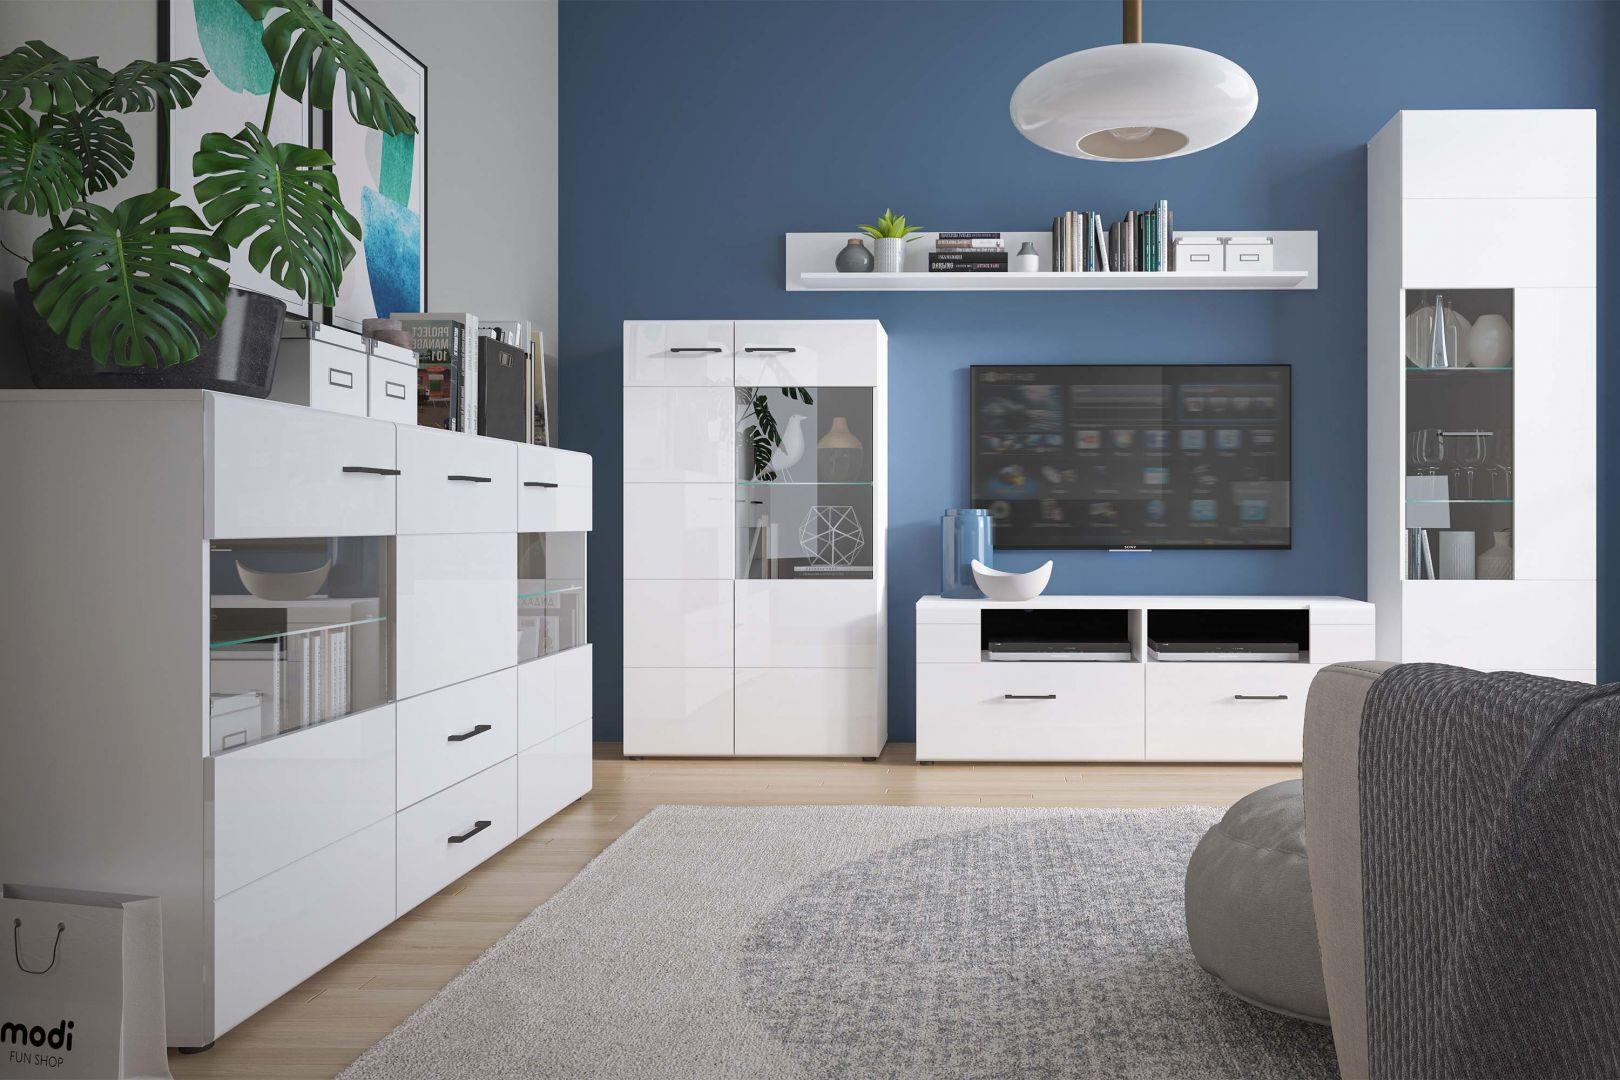 Meble z kolekcji Lisse doskonale sprawdzą się w małym salonie. Biały kolor z połyskiem rozjaśni i optycznie powiększy przestrzeń. Fot. Salony Agata